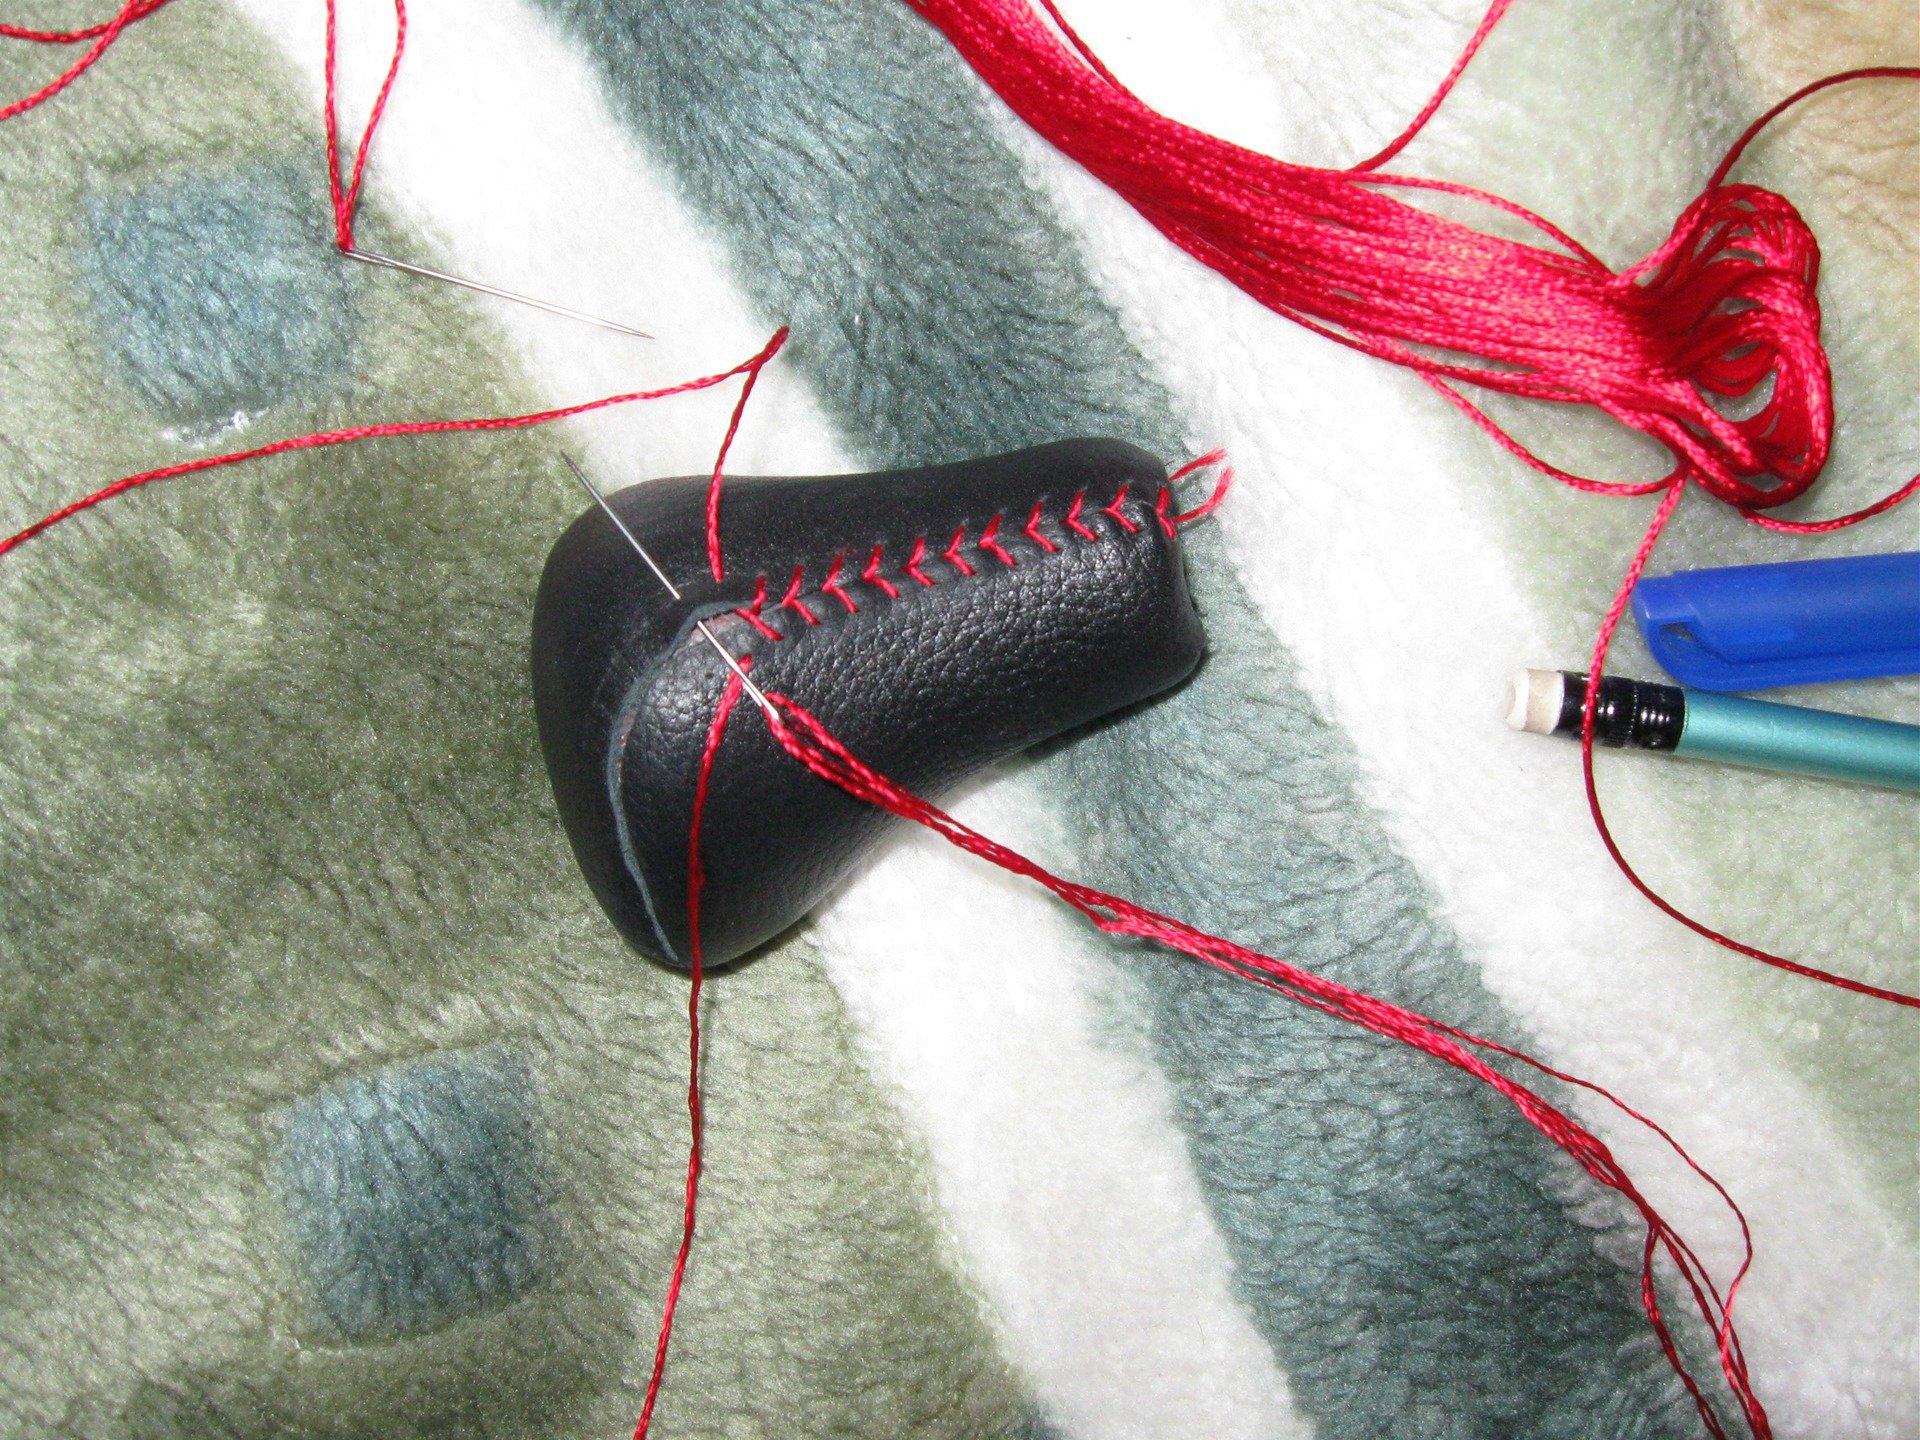 Перетяжка ручки кпп кожей своими руками: из чего можно сделать чехол и как обшить, реставрация и обтяжка рукоятки коробки переключения передач с фото и видео